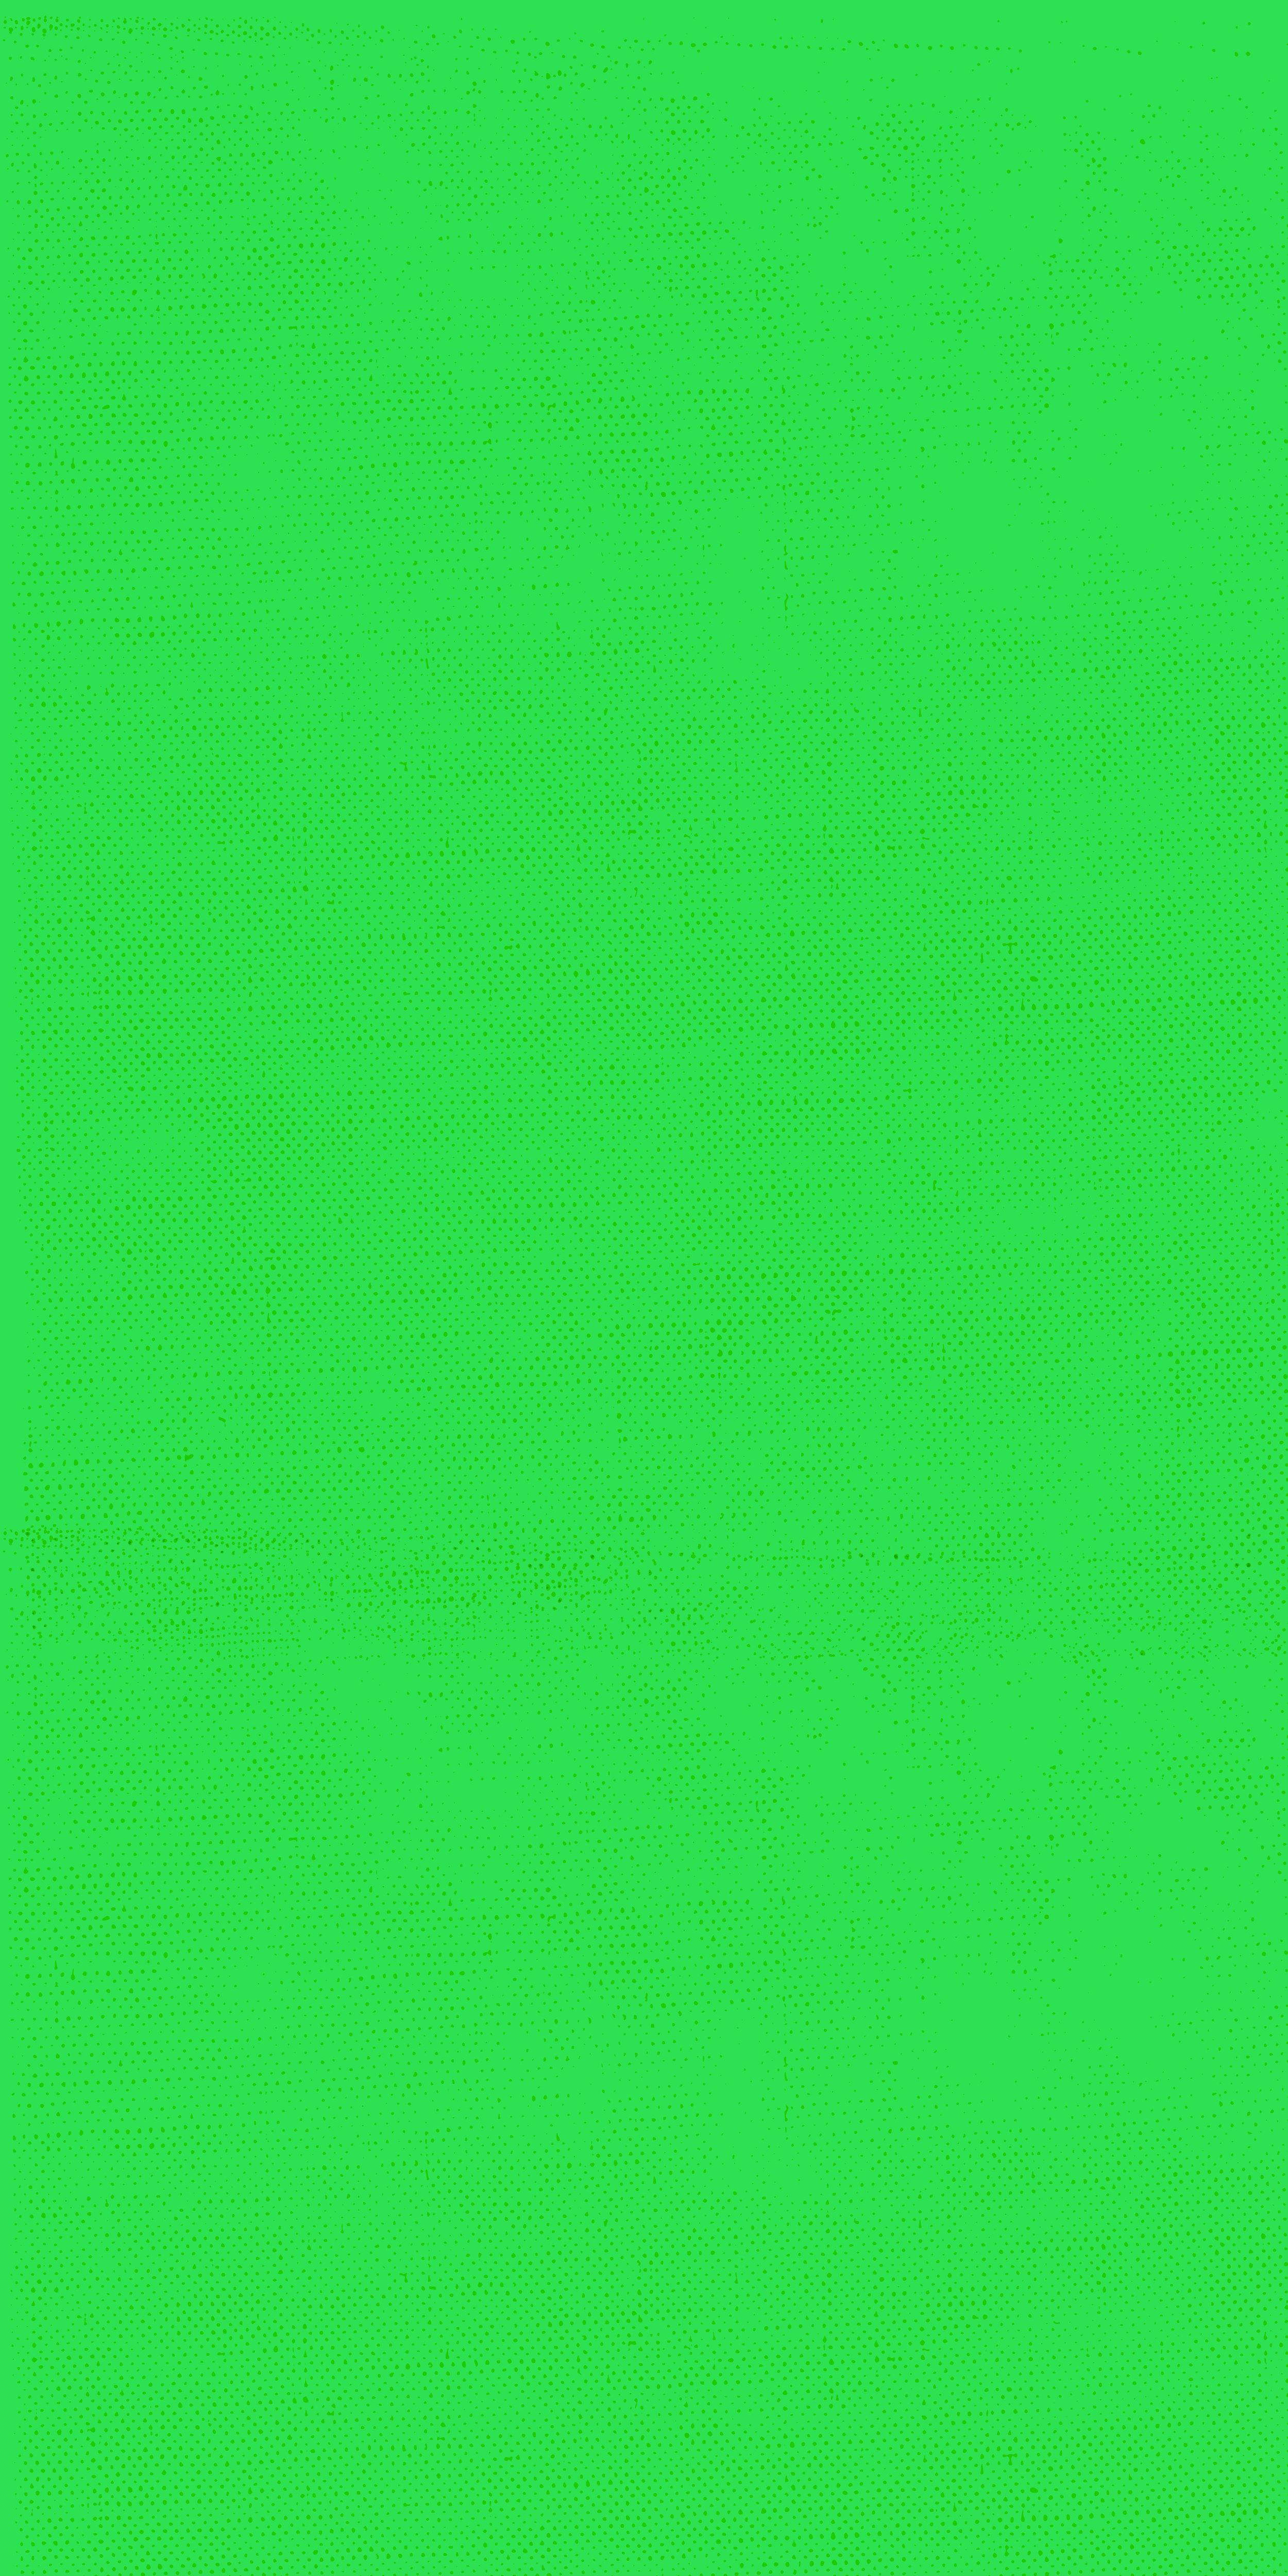 MainBackground-Green-3.jpg